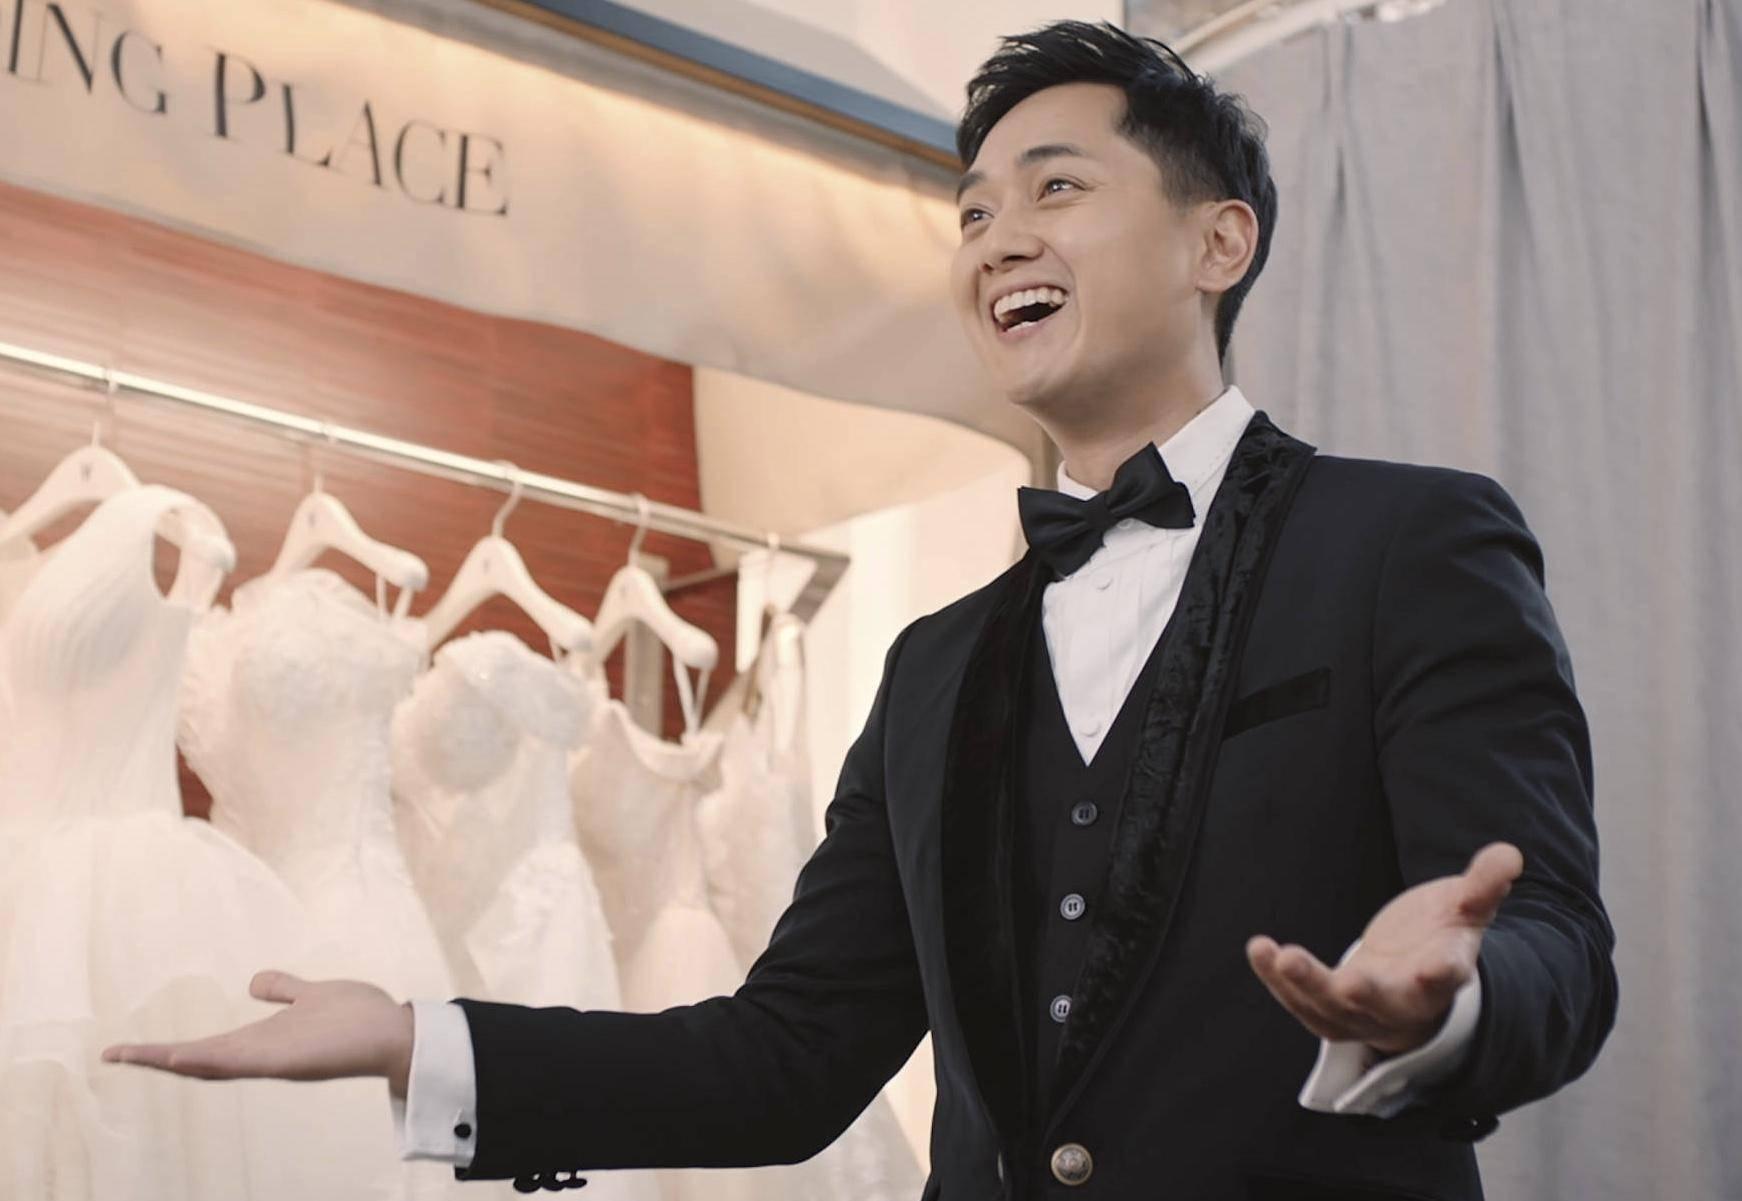 恭喜!TVB小花何雁诗举行告别单身派对,年底将同郑俊弘完婚